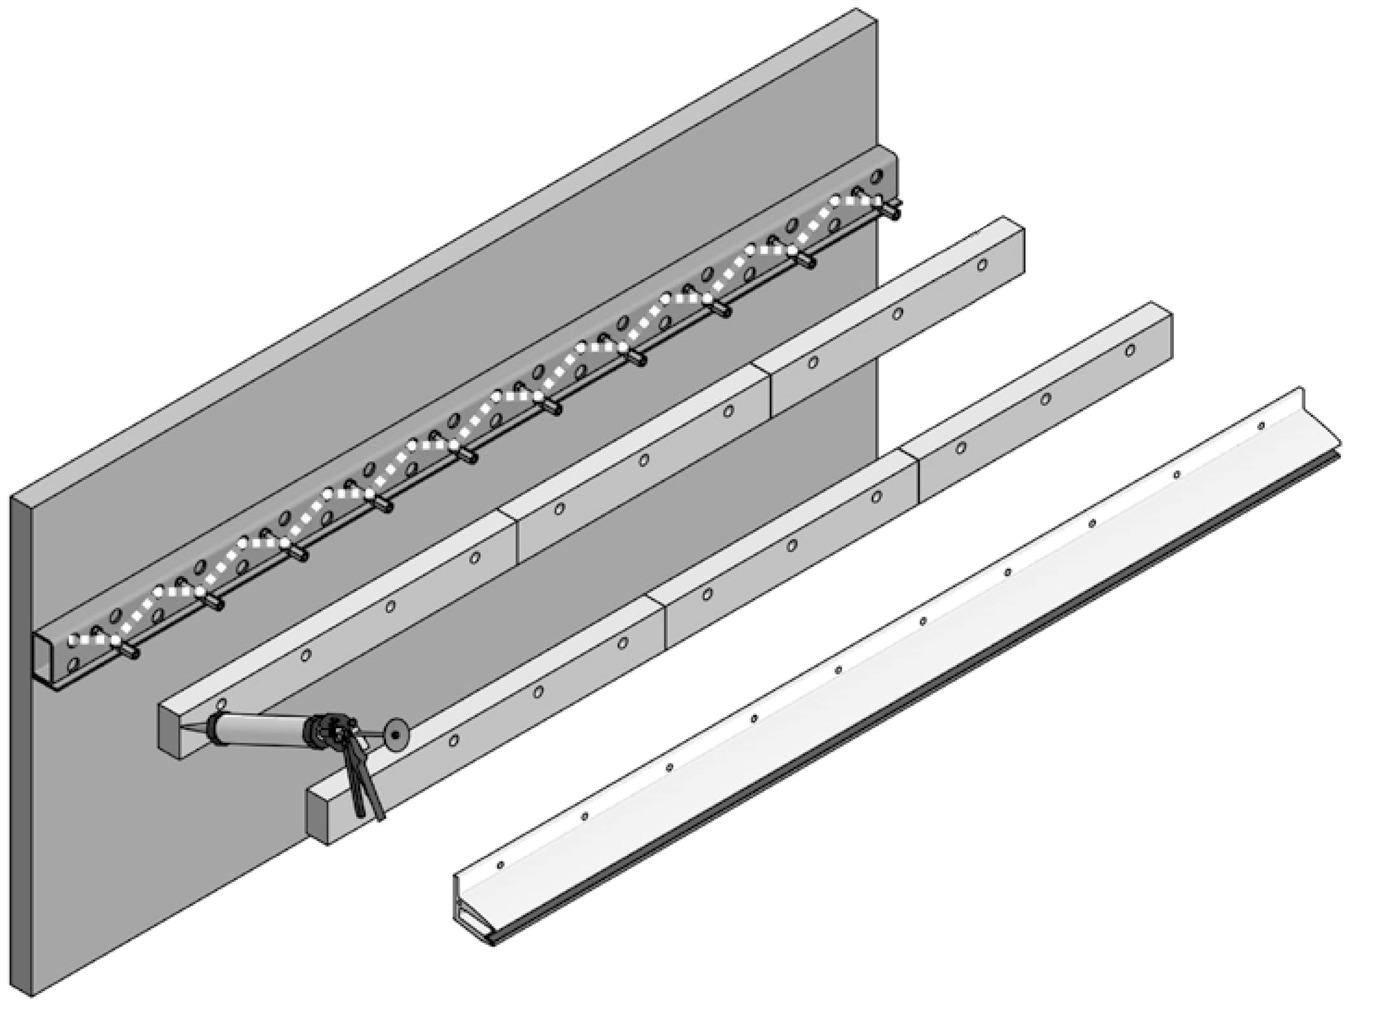 Wärmedämm-Konsole für VD 1510 / VD 1511 PAULI+SOHN